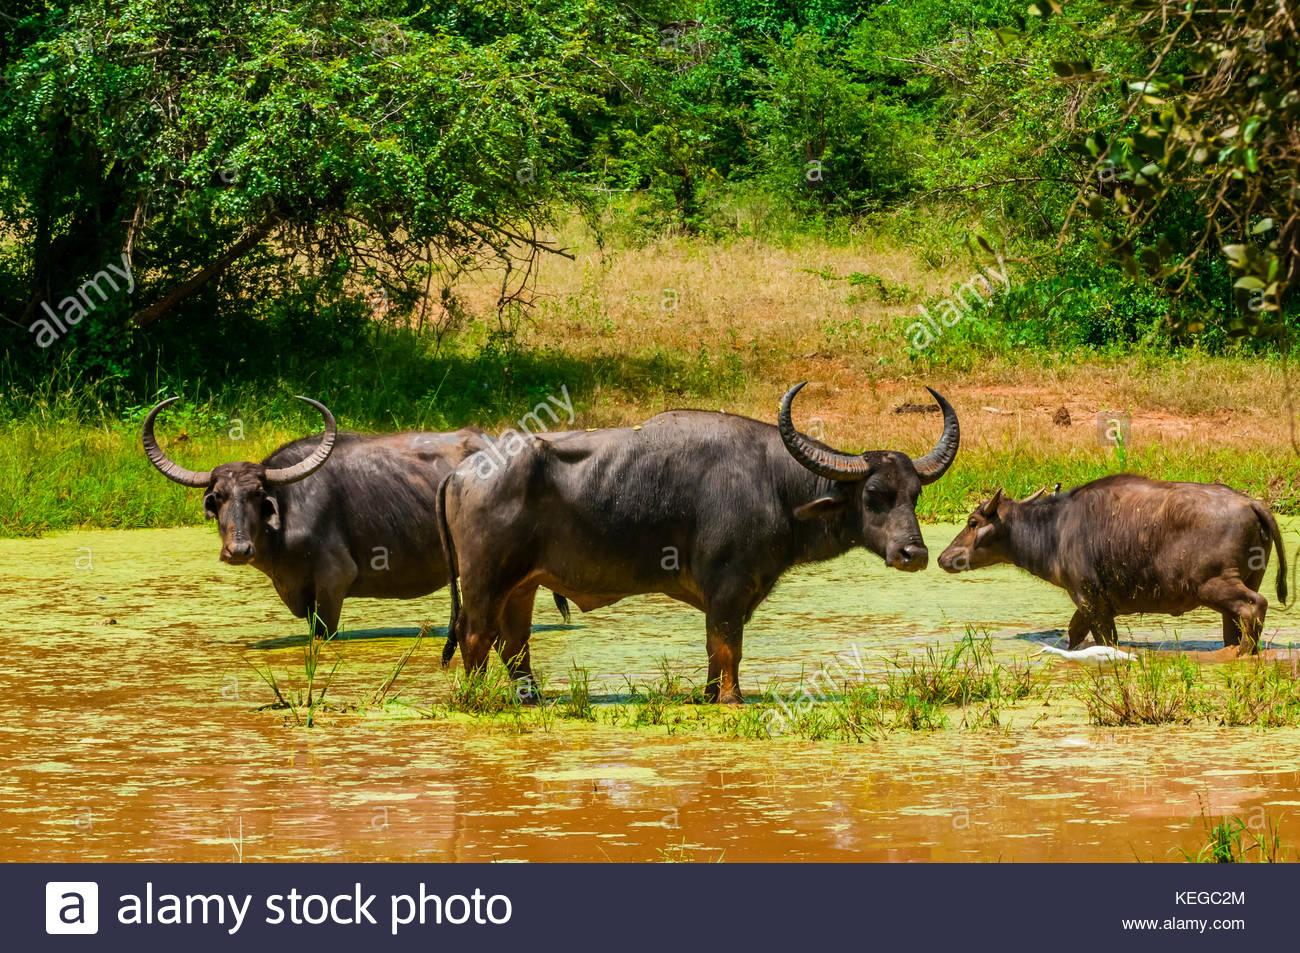 Wild water buffalo, Yala National Park, Southern Province, Sri Lanka. - Stock Image